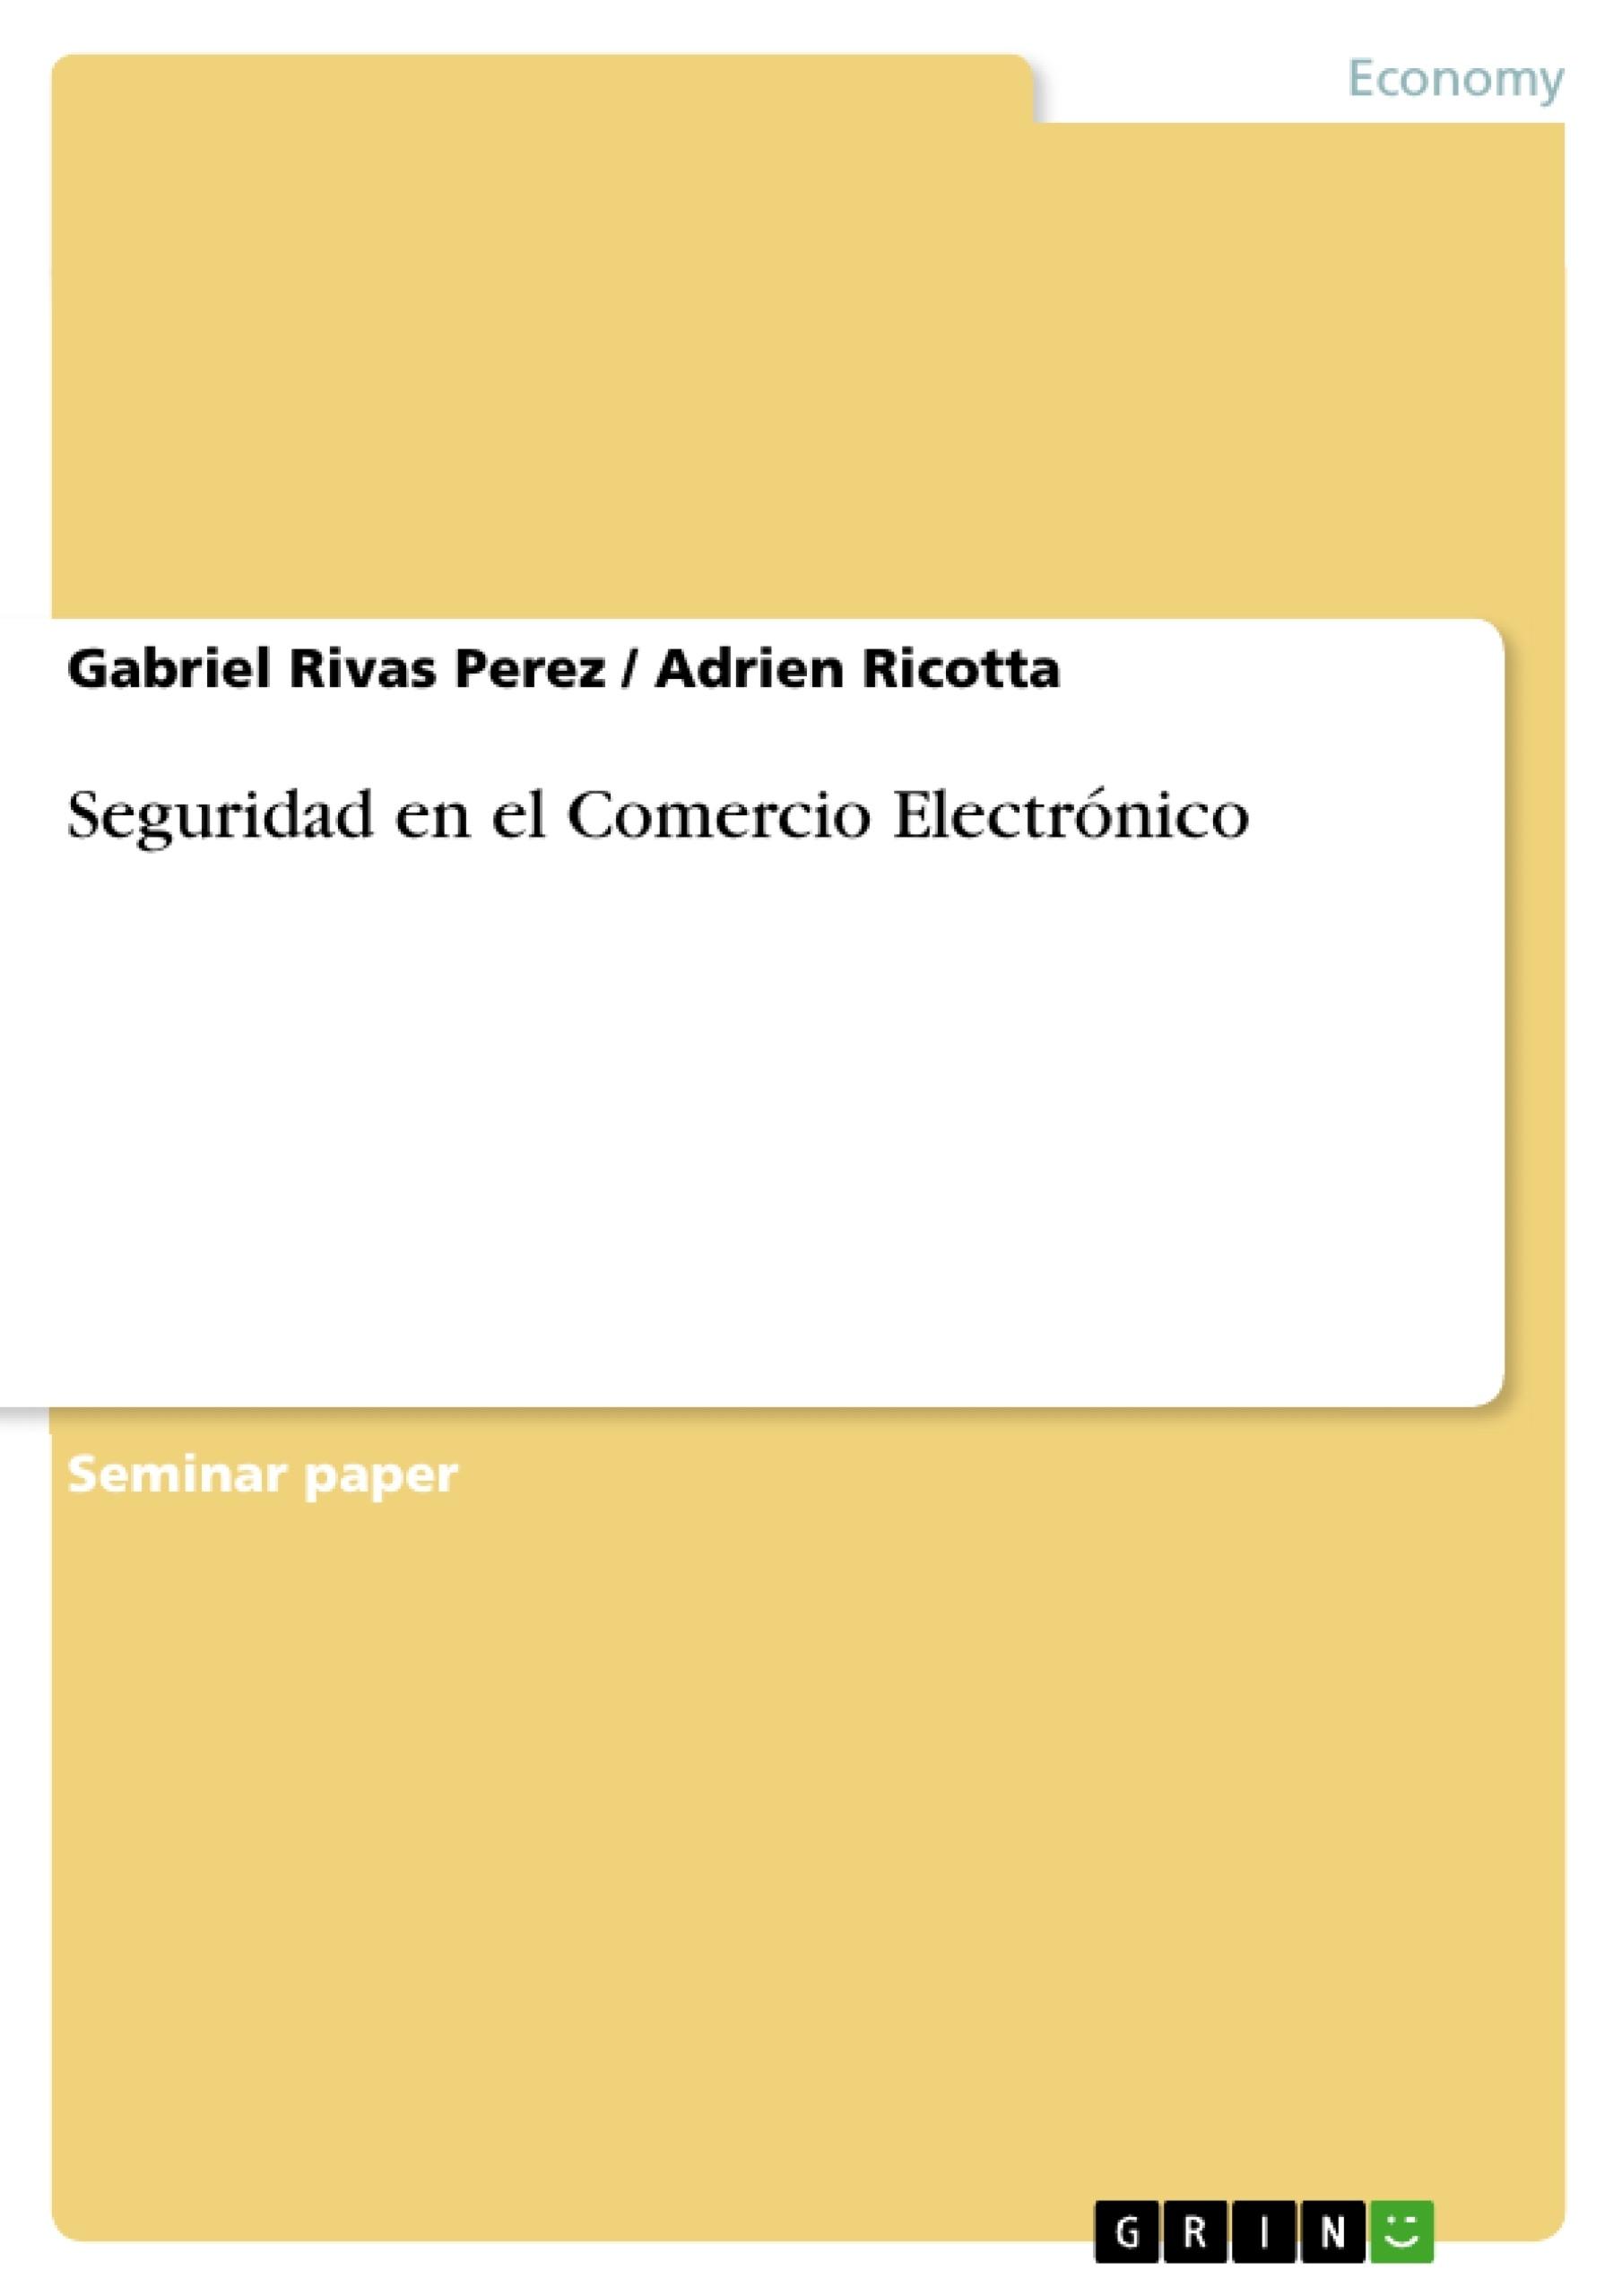 Título: Seguridad en el Comercio Electrónico